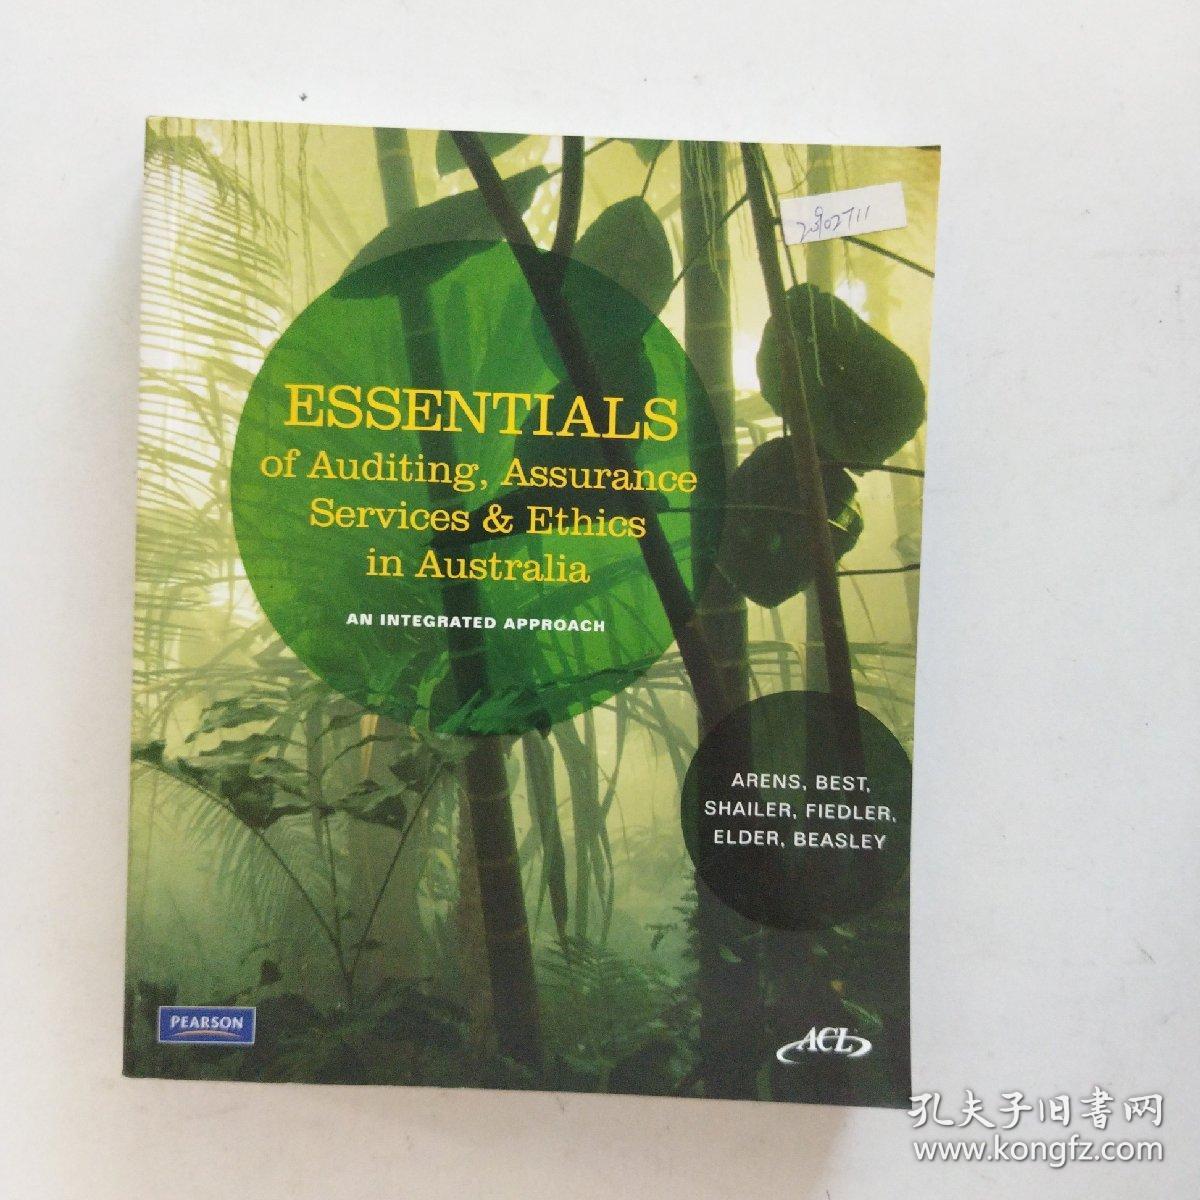 【外文原版】Essentials of Auditing, Assurance Services & Ethics in Auseralia